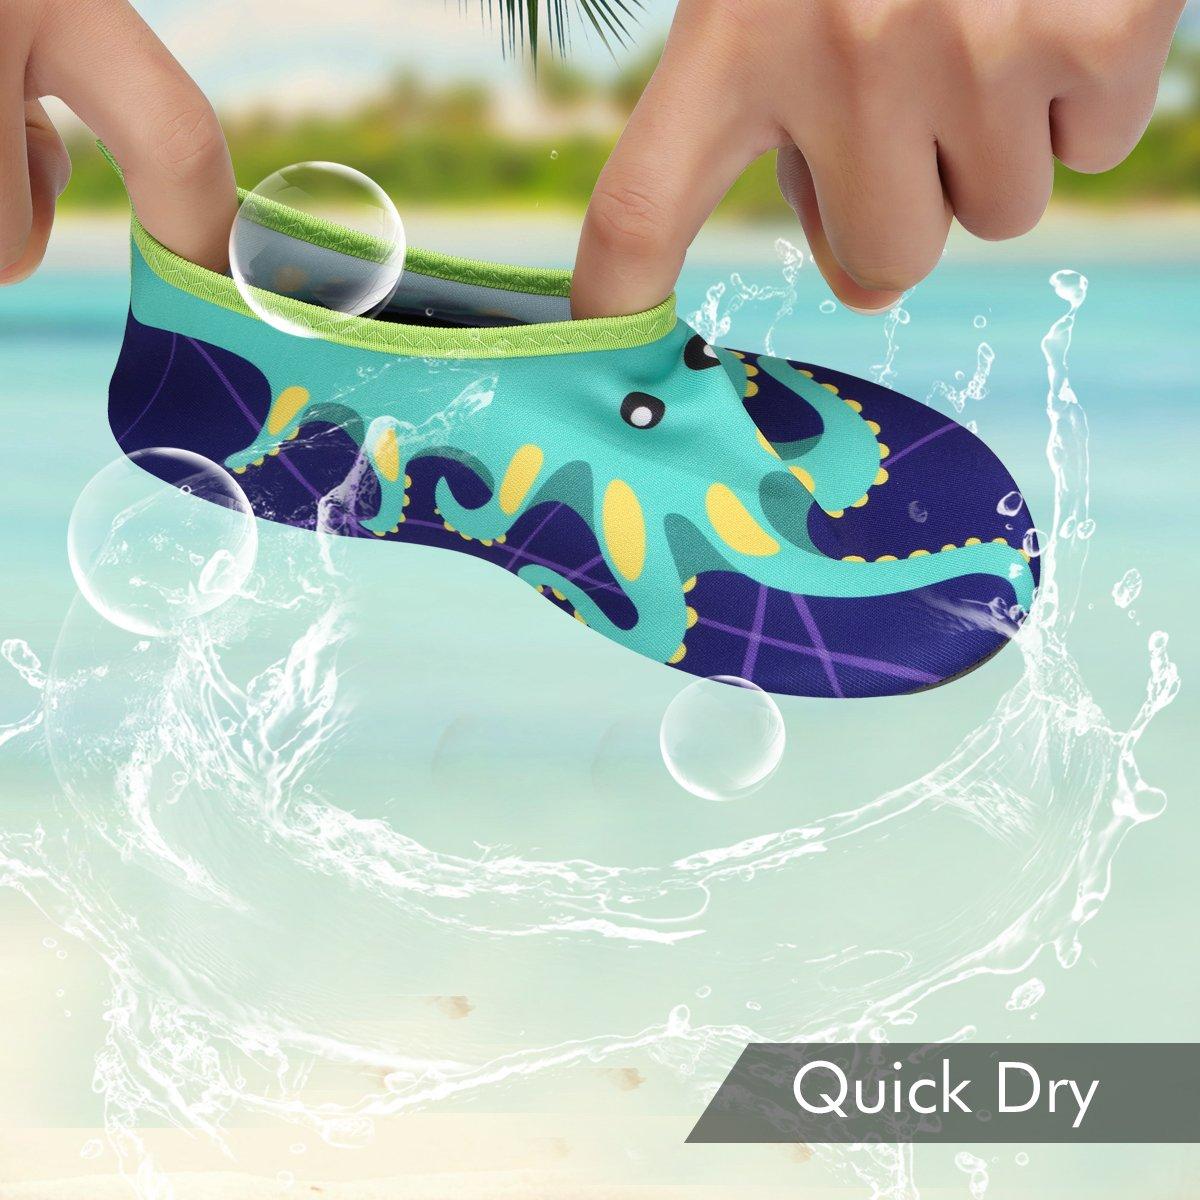 Qimaoo Kinder Badeschuhe Leicht Schwimmschuhe Schnell Trocknend Wasserschuhe Casual Strandschuhe Baby Surfschuhe Aquaschuhe f/ür M/ädchen und Jungen Gr/ö/ße32//33